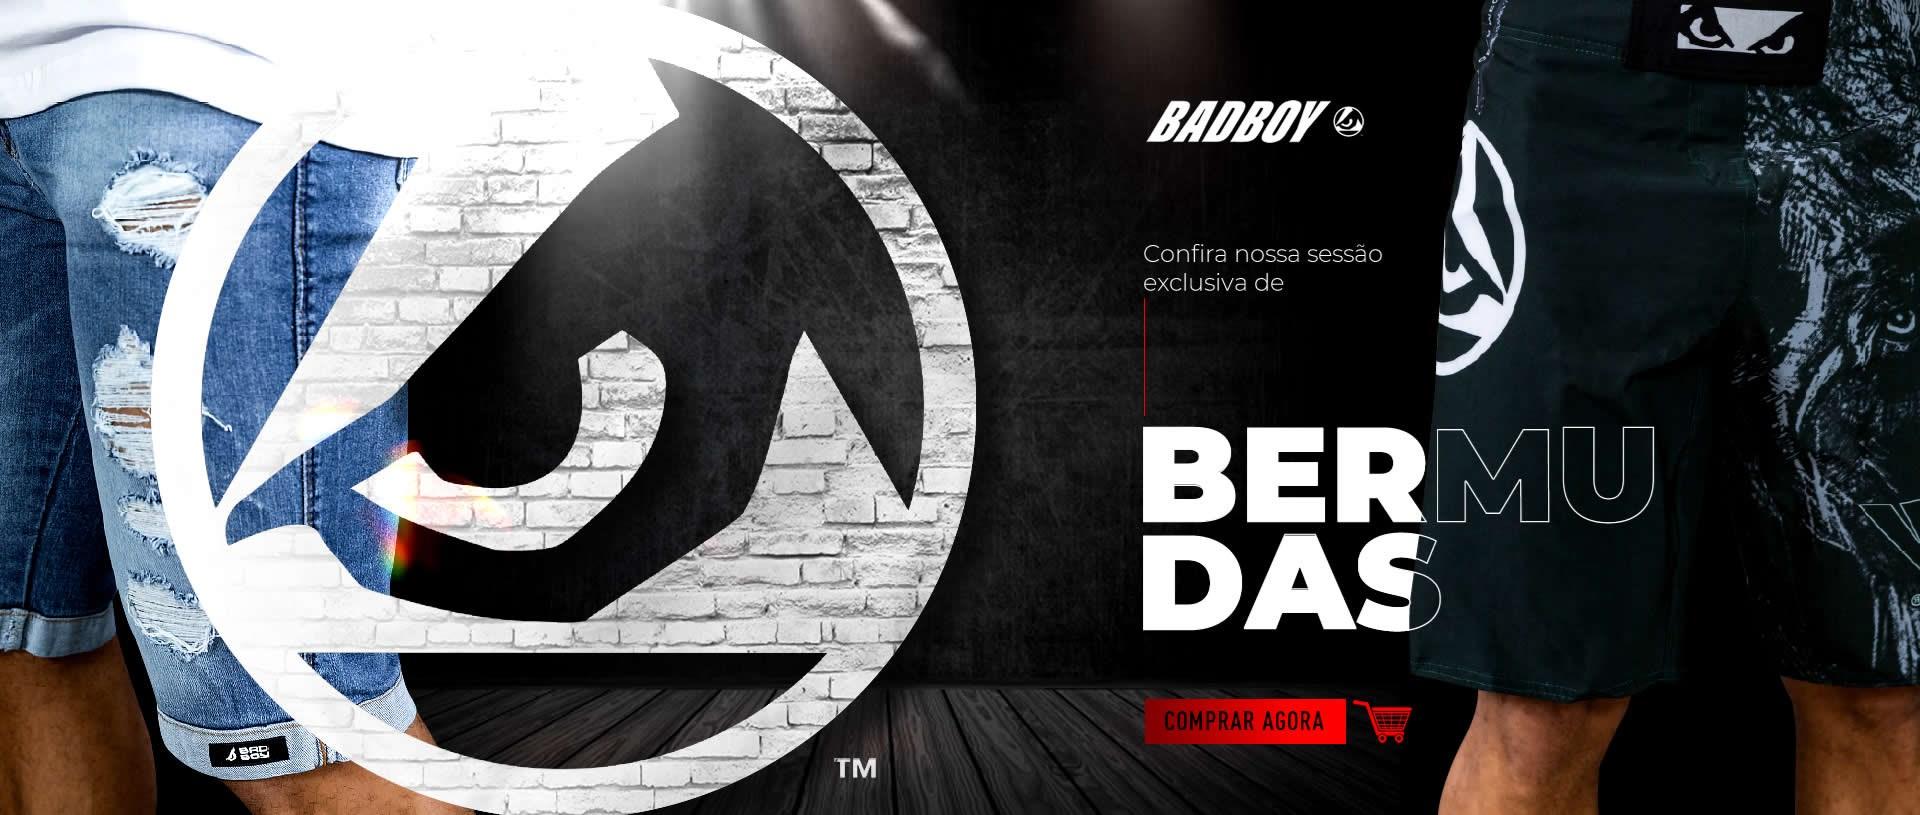 Bermudas | Bad Boy®